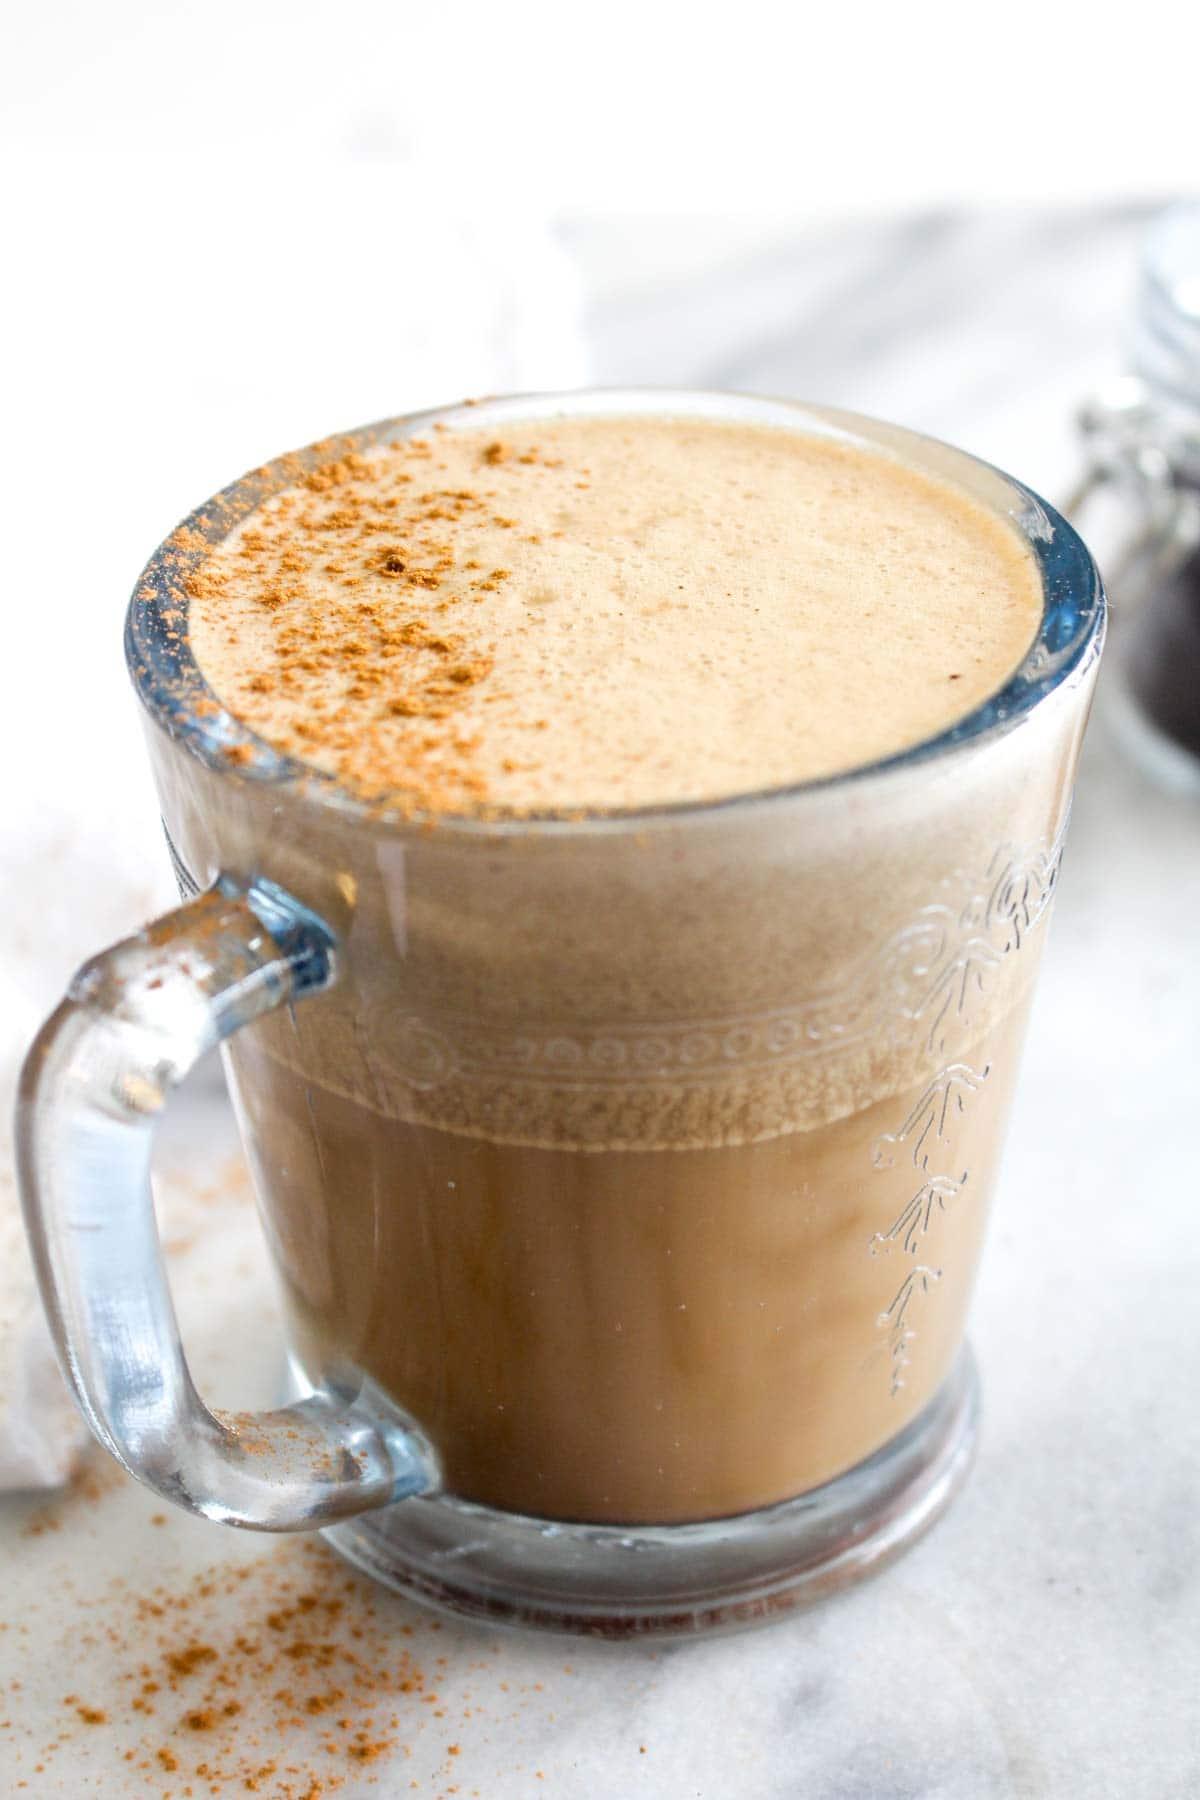 Side view of vegan oil free bulletproof coffee with foam and cinnamon.